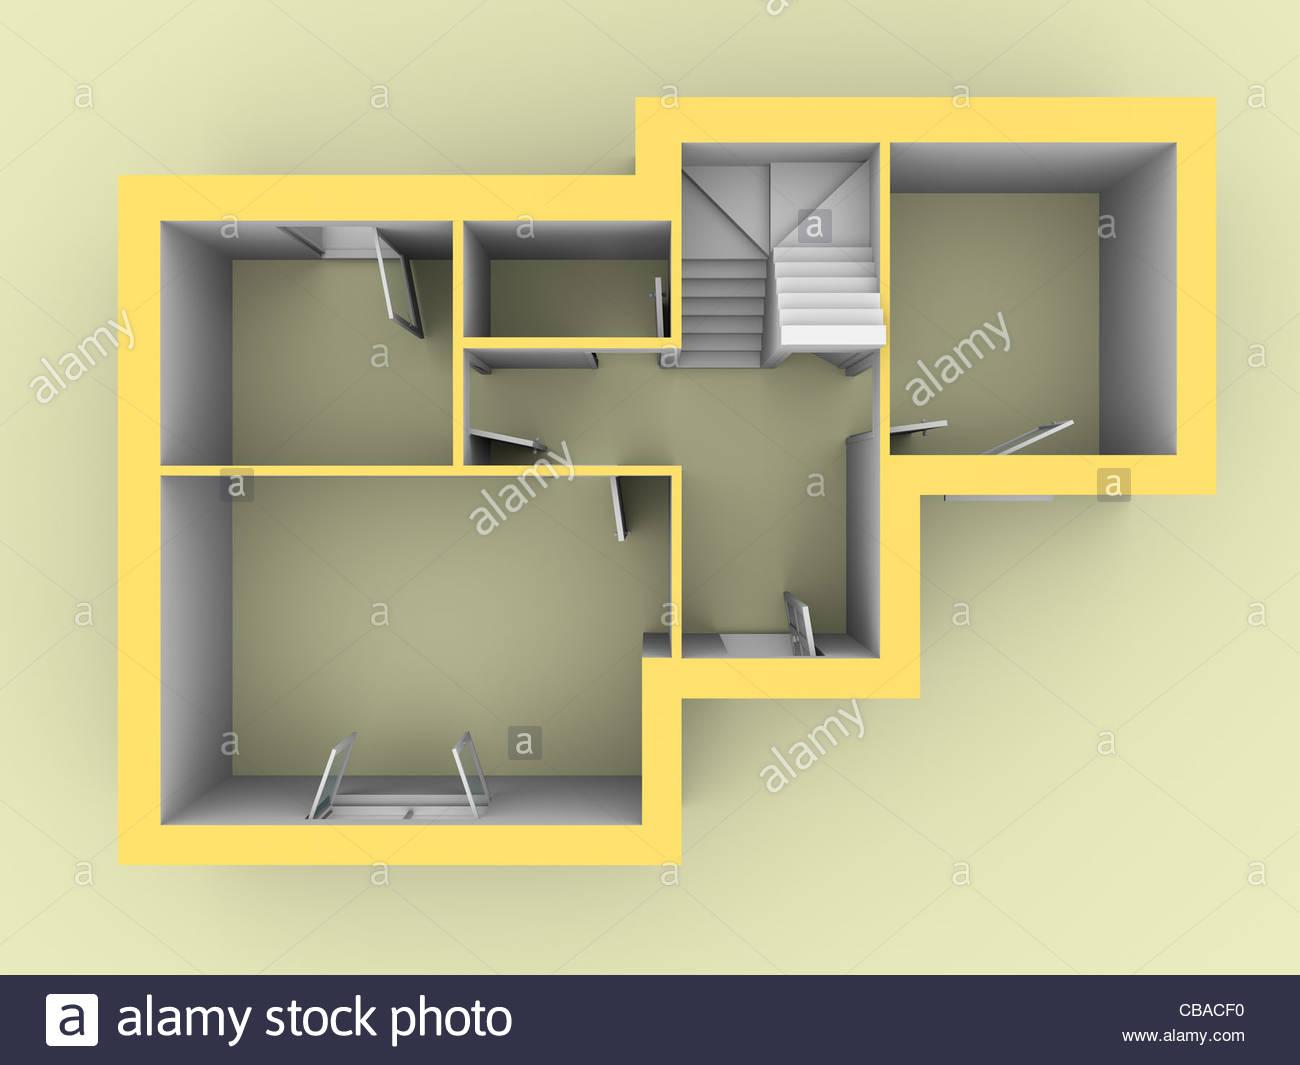 Modèle 3D d'une maison comme vu en vue de dessus. Portes et fenêtres sont ouvertes Banque D'Images